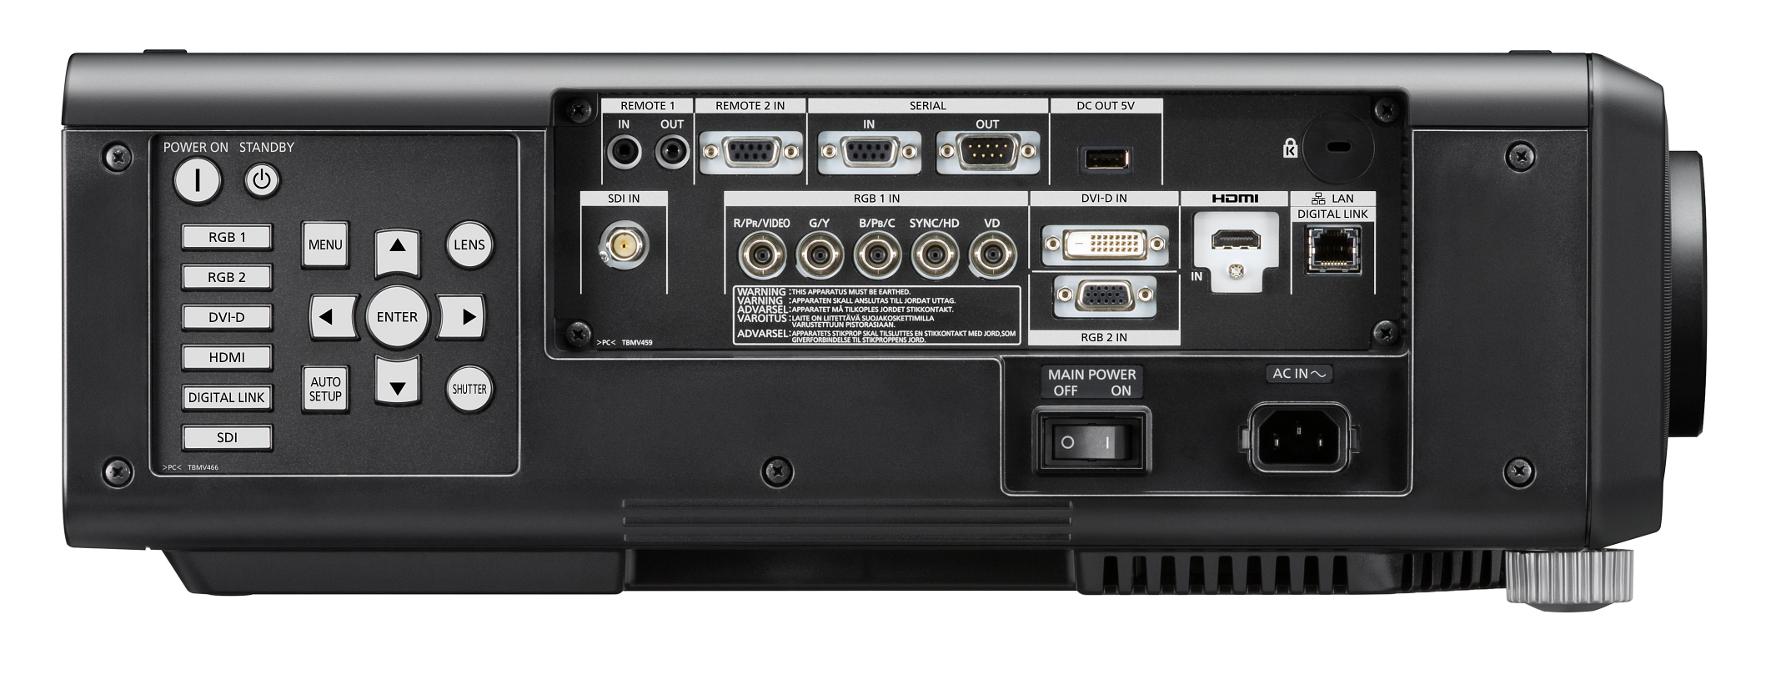 8200 Lumen XGA 1-Chip DLP Projector with Standard Lens & DIGITAL LINK in Black